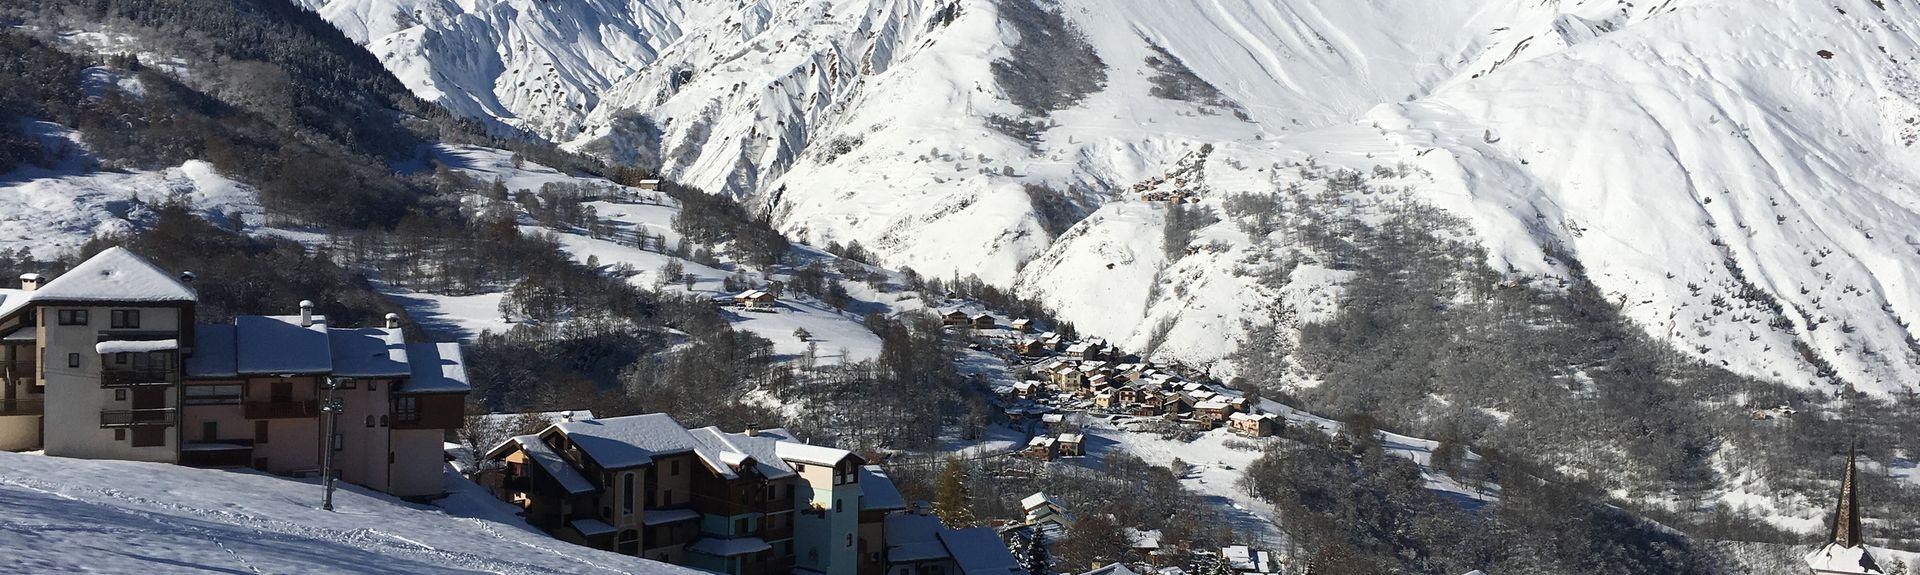 Bozel, Savoie (département), France